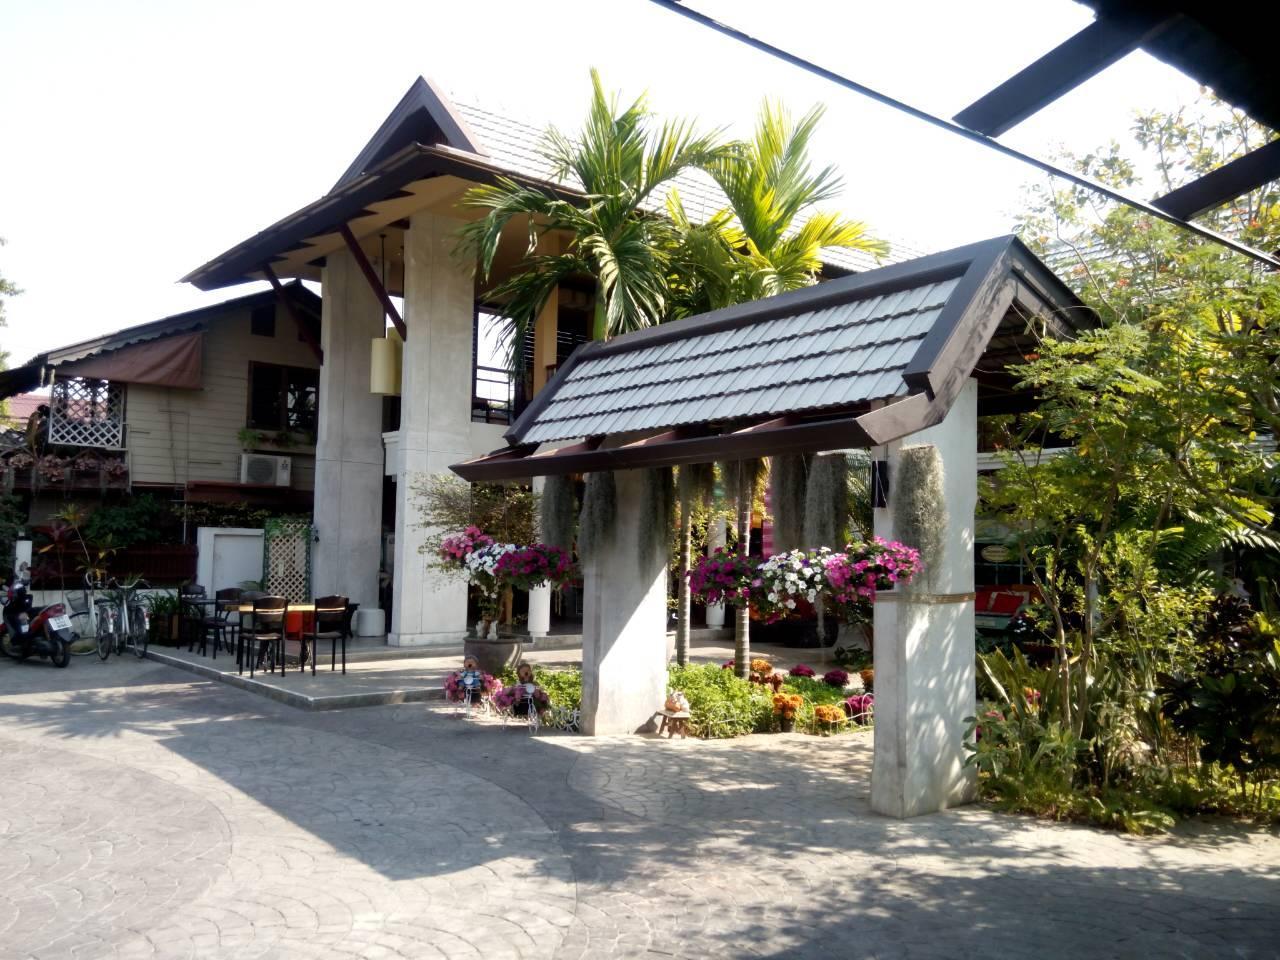 บ้านพอดี เกสท์เฮาส์ (Baanpordee Guesthouse) CR Pantip